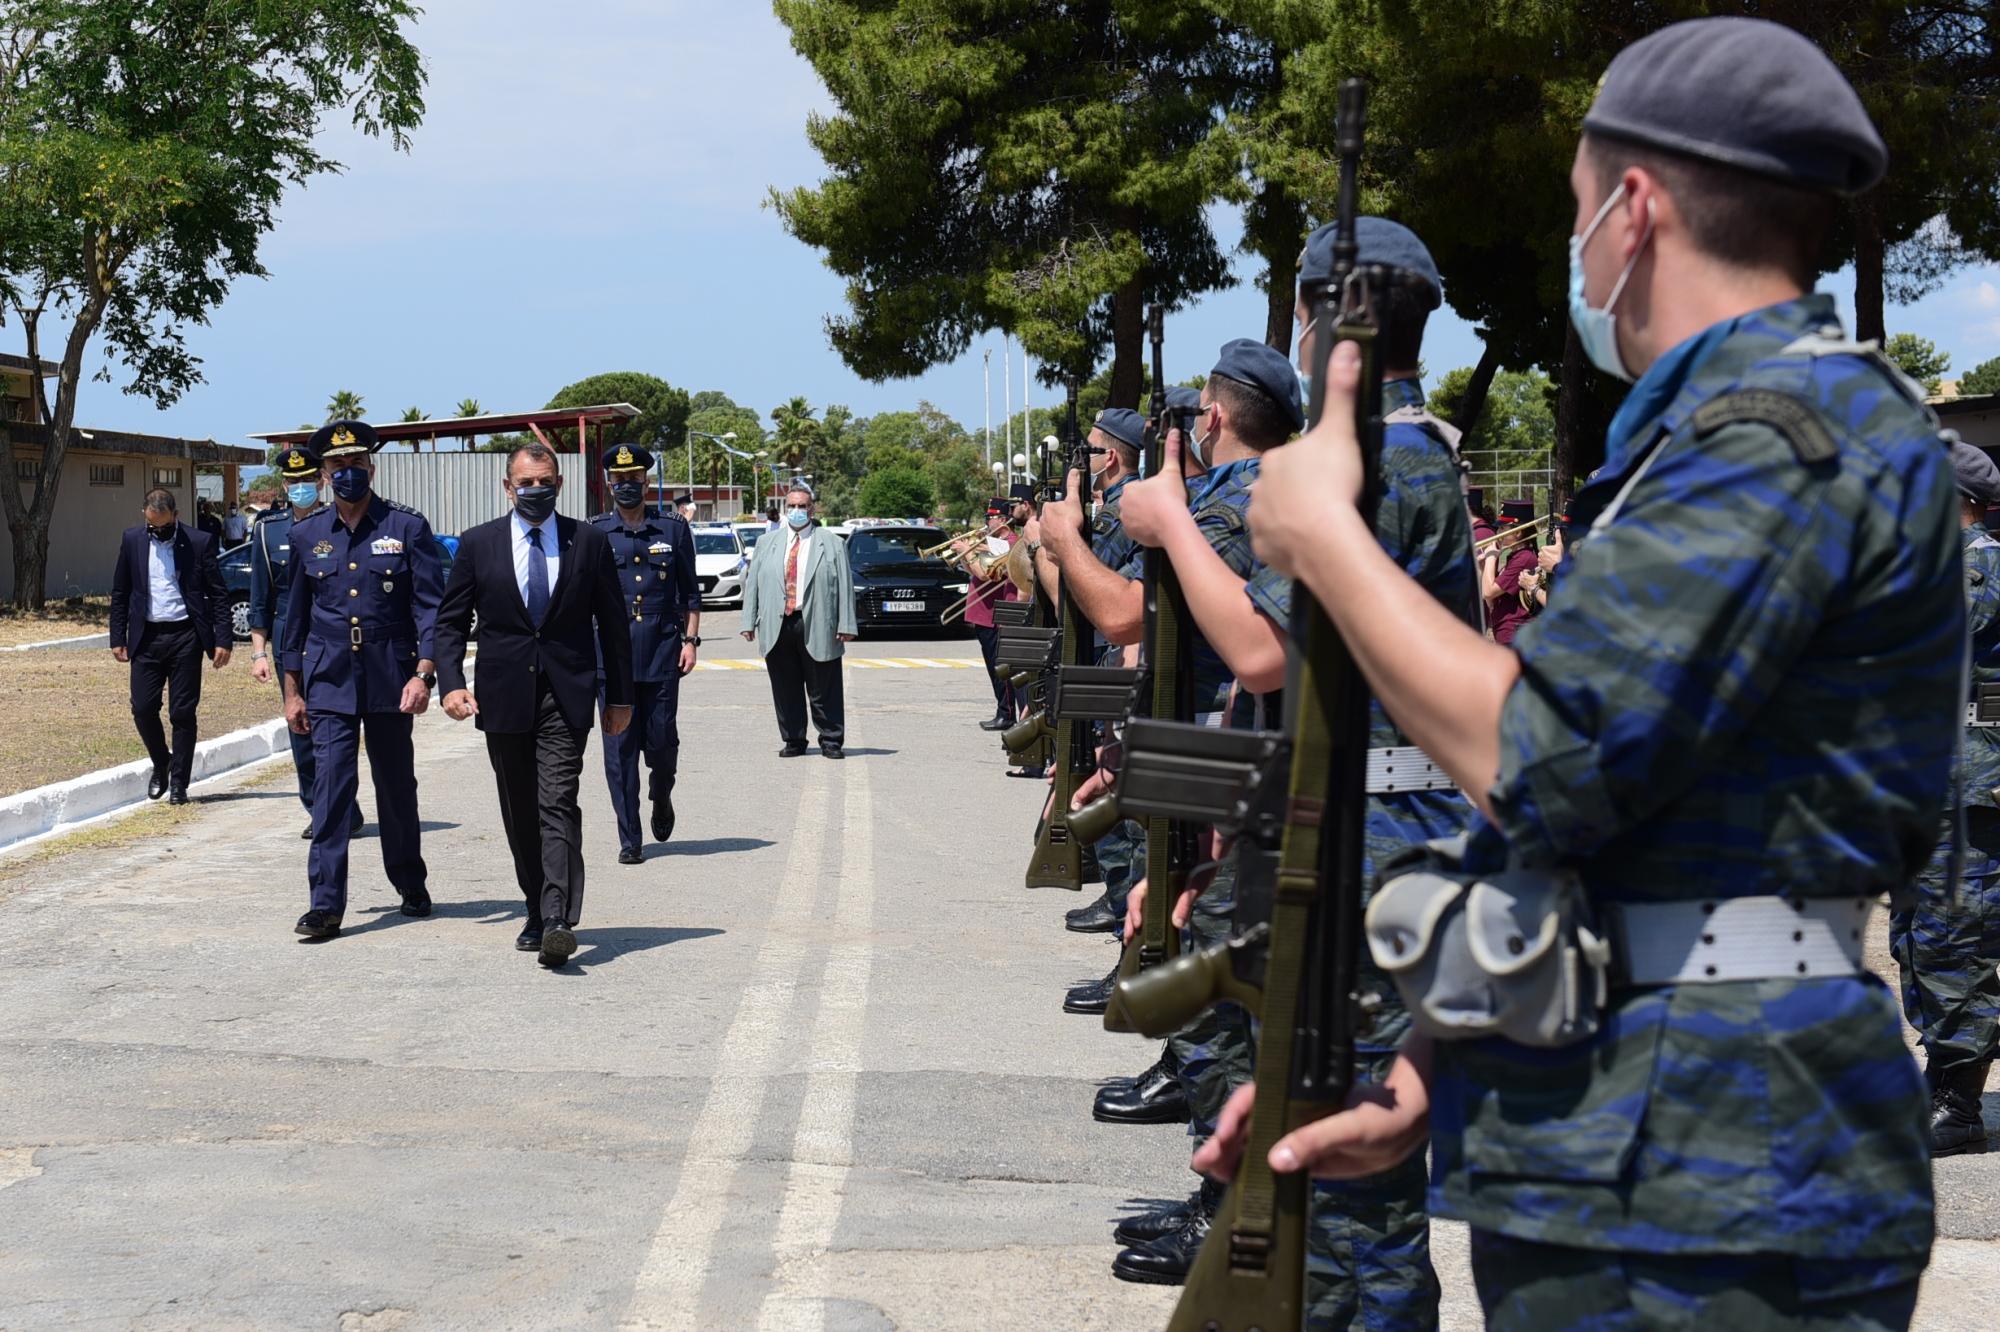 Παναγιωτόπουλος: Εγκαινίασε τα «Hellenic Wings Inns» της Πολεμικής Αεροπορίας [pics]